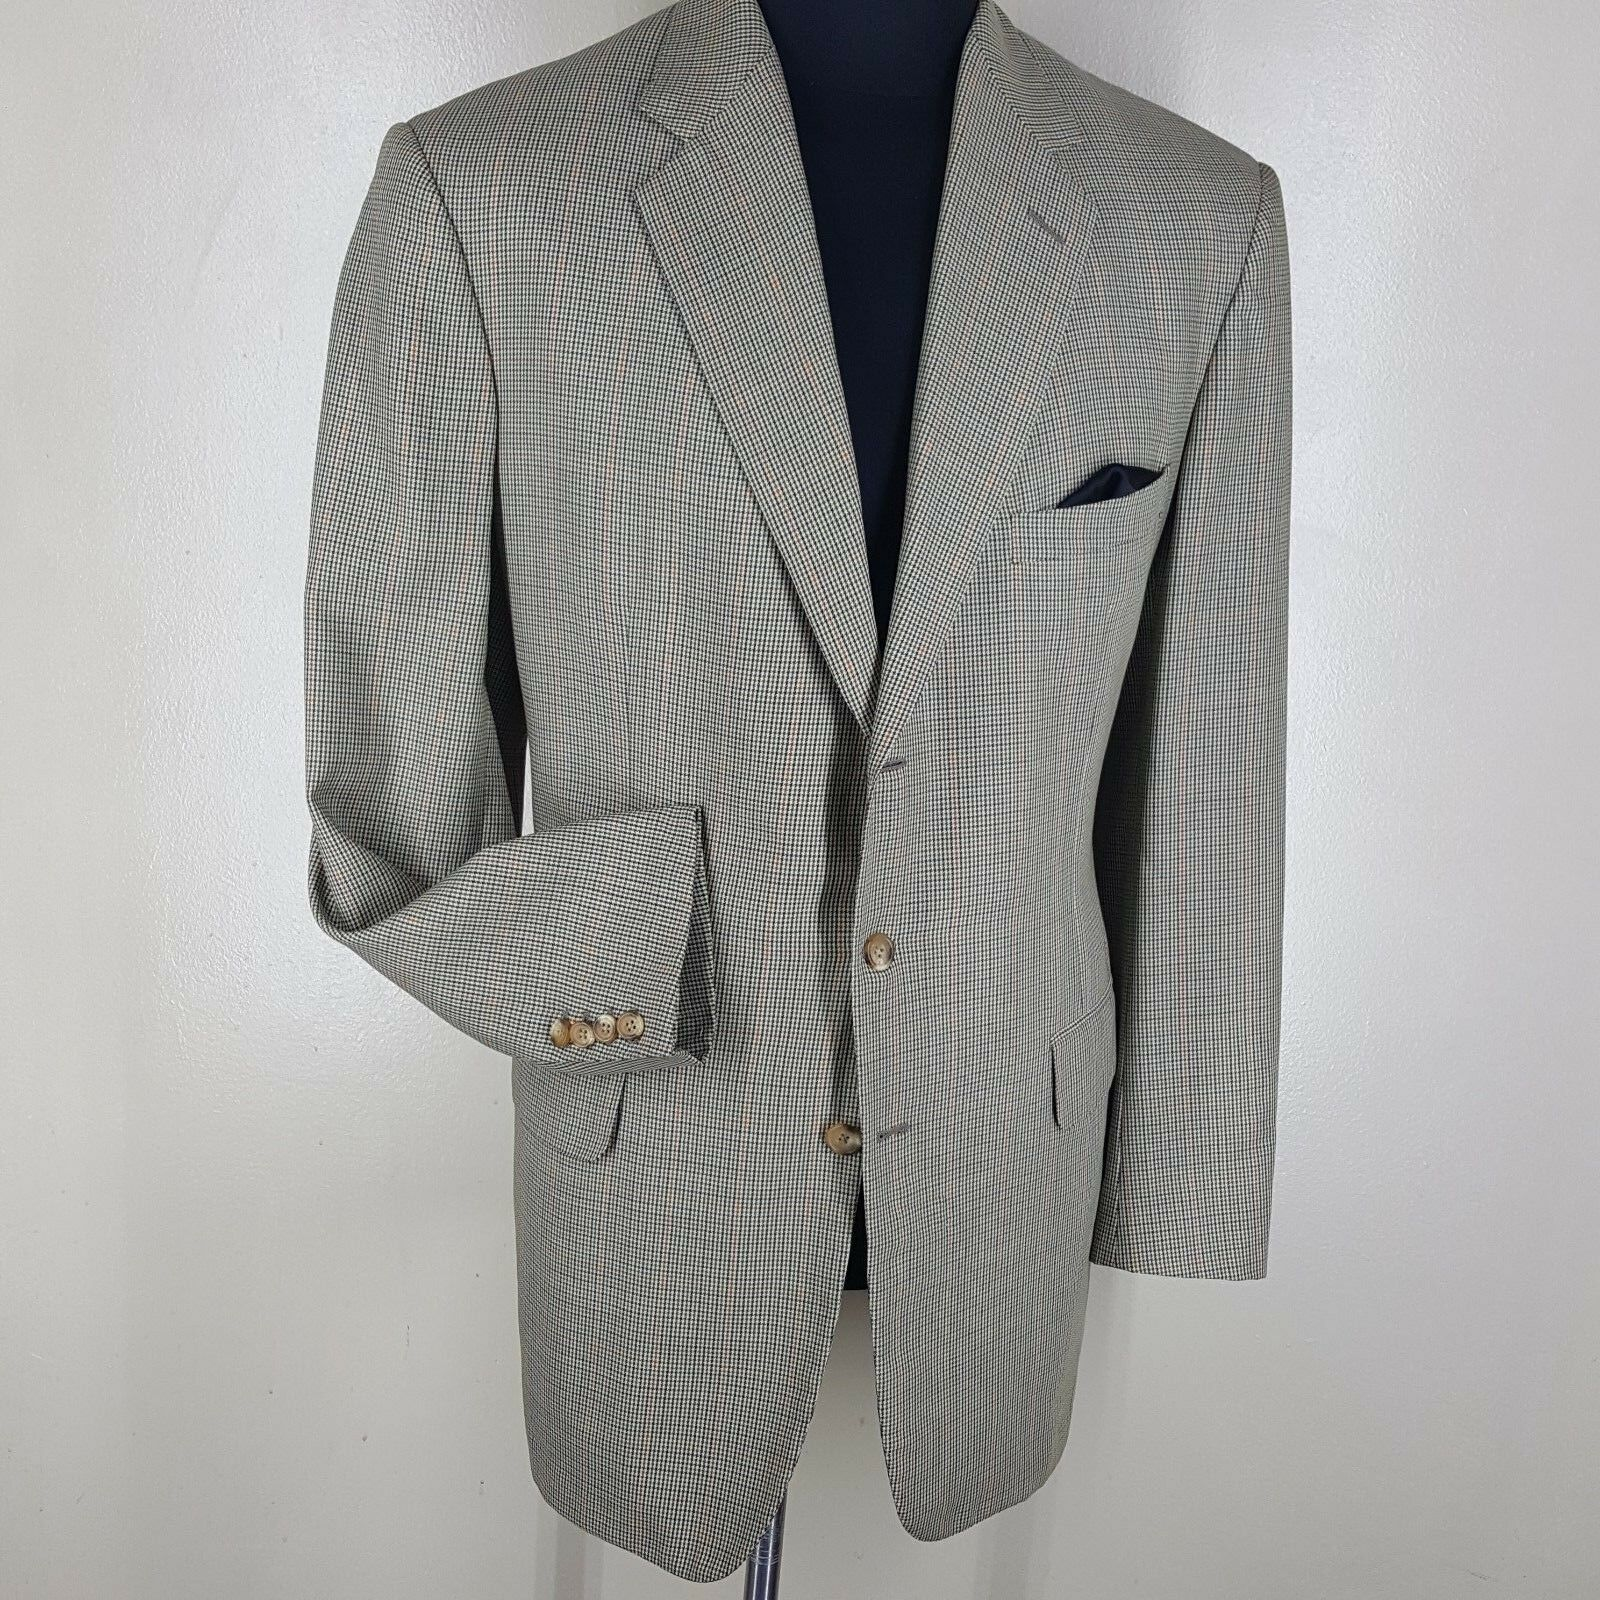 ALAN FLUSSER Bespoke Vintage Sport Coat Saks 5th Ave 3 Btn. Fit  44-46  X Long